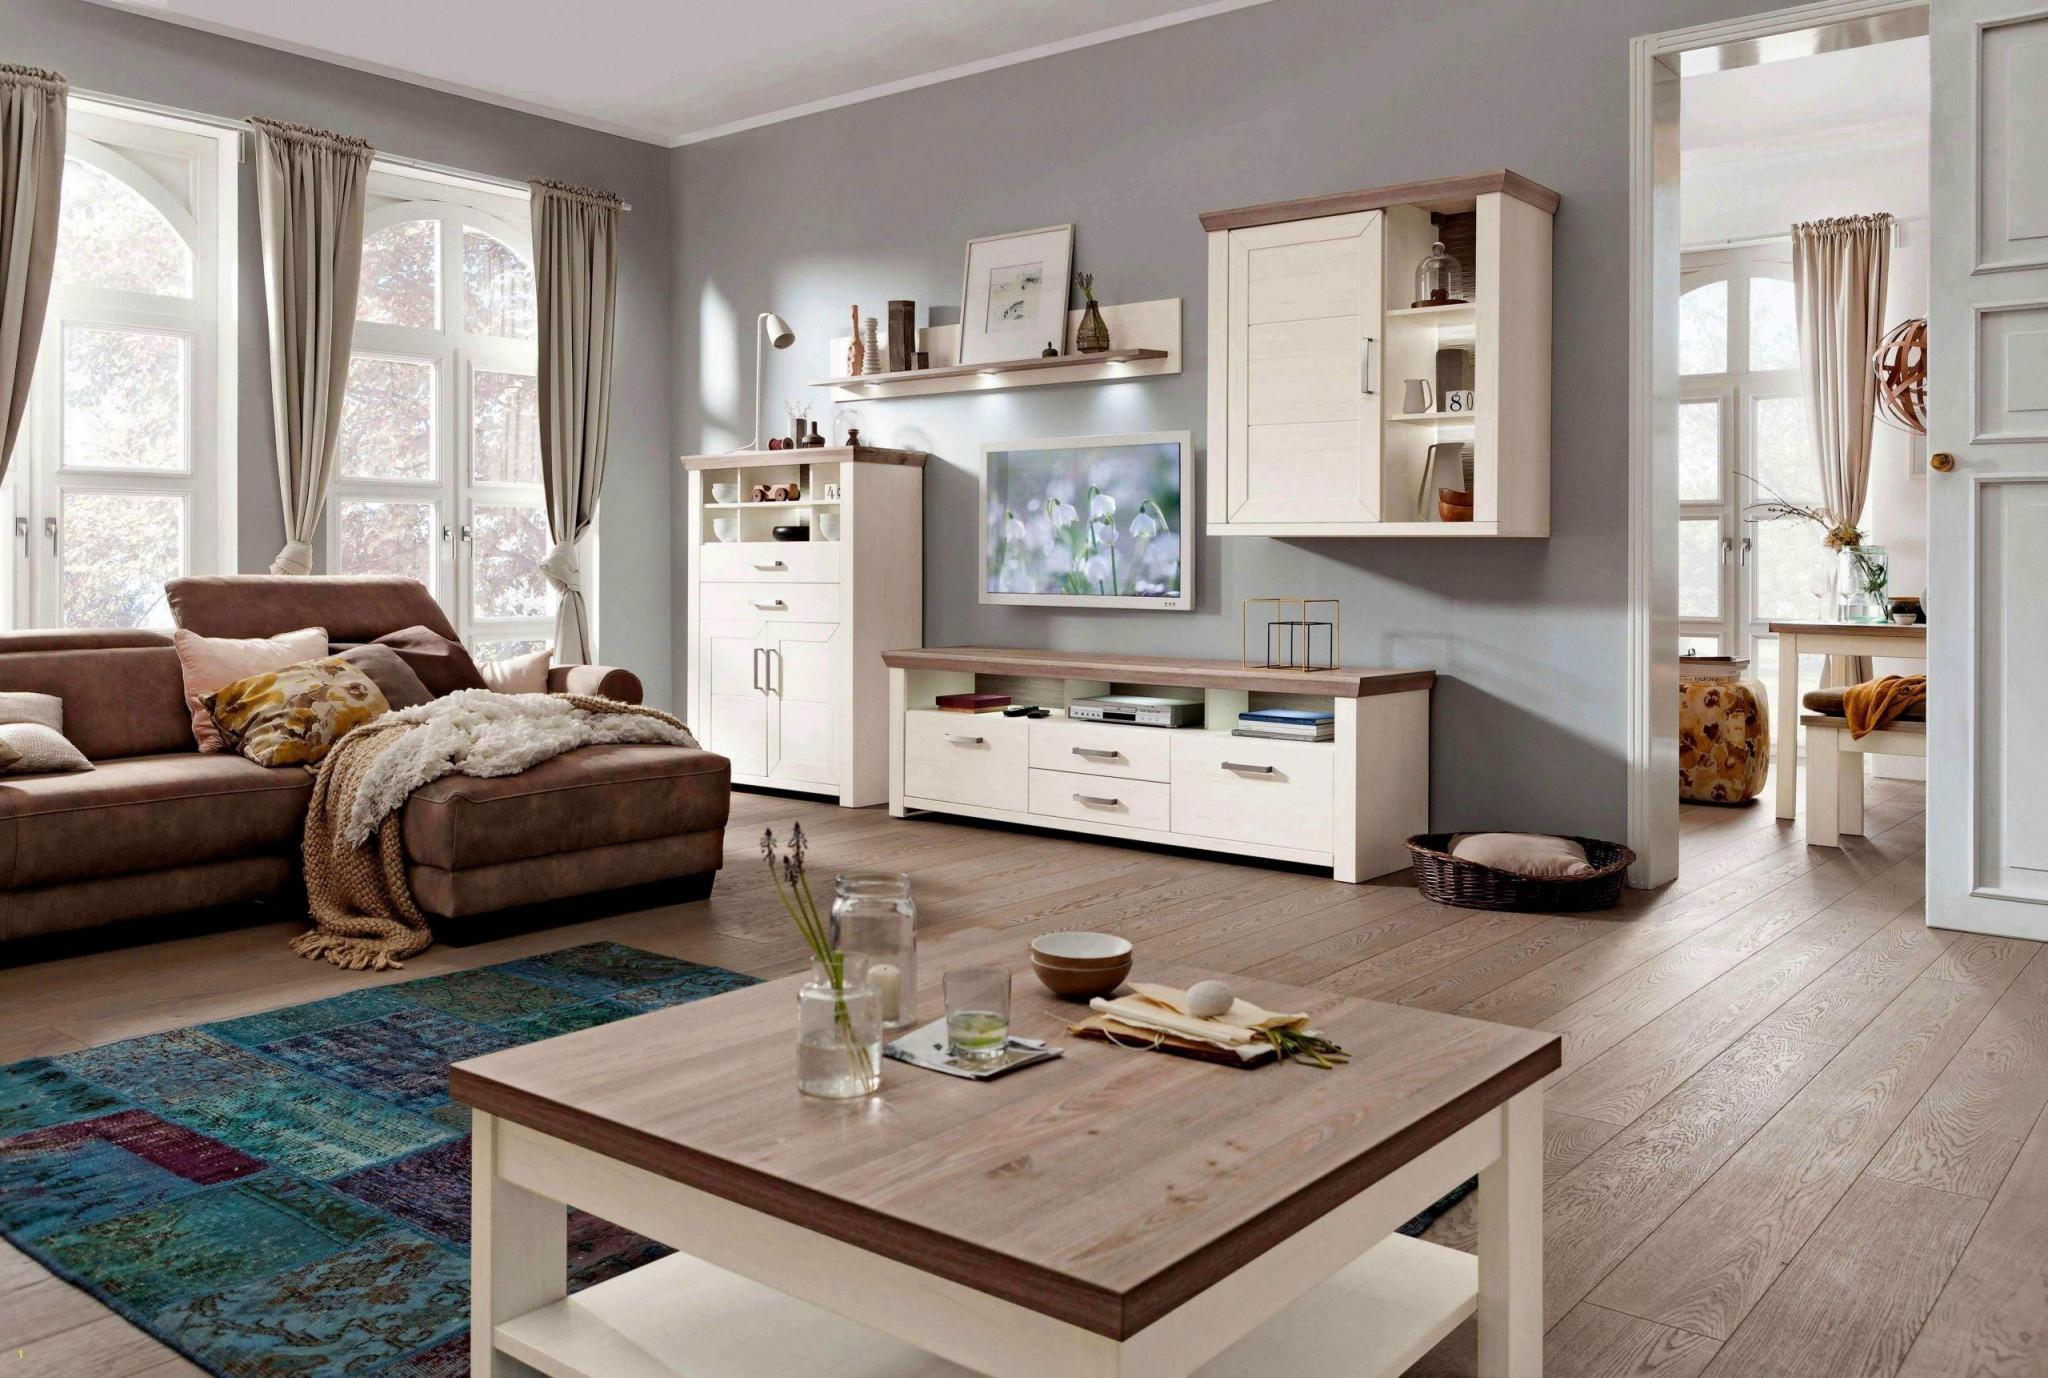 22 Elegante Moderne Wohnzimmer Ideen Die Sie Möchten 11 In von Wohnzimmer Landhausstil Ideen Bild